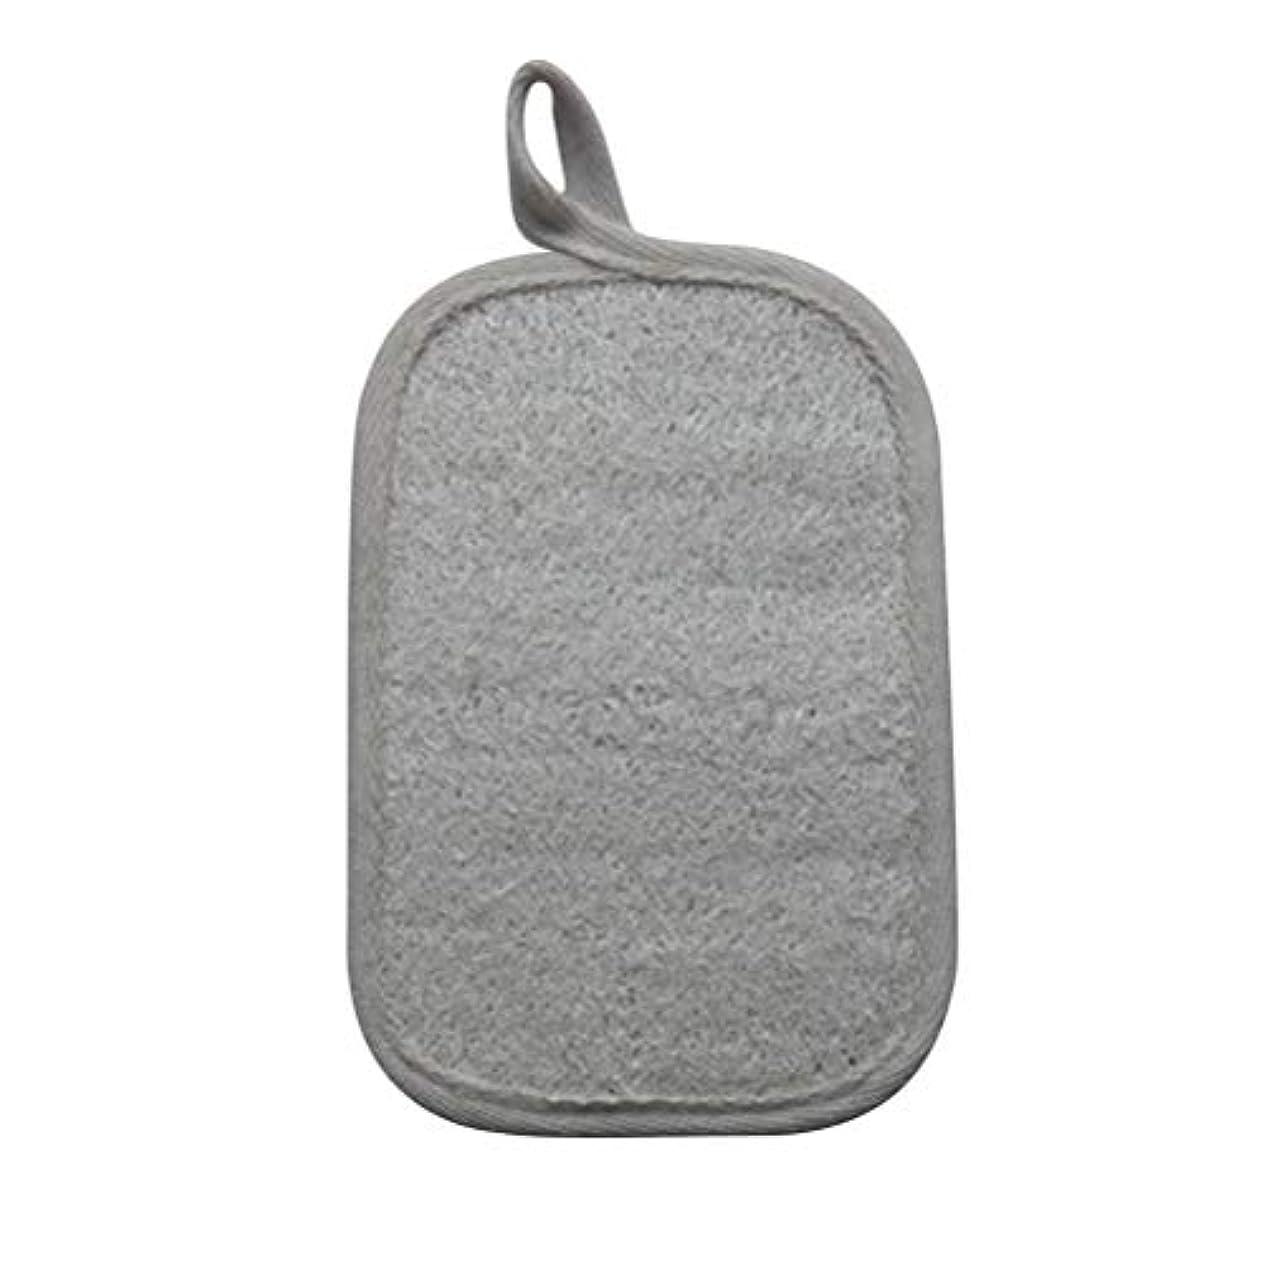 着飾る持続的応じるSUPVOX Loofahスポンジパッド剥離スクラブスポンジバスシャワースクラバーLoofa手袋